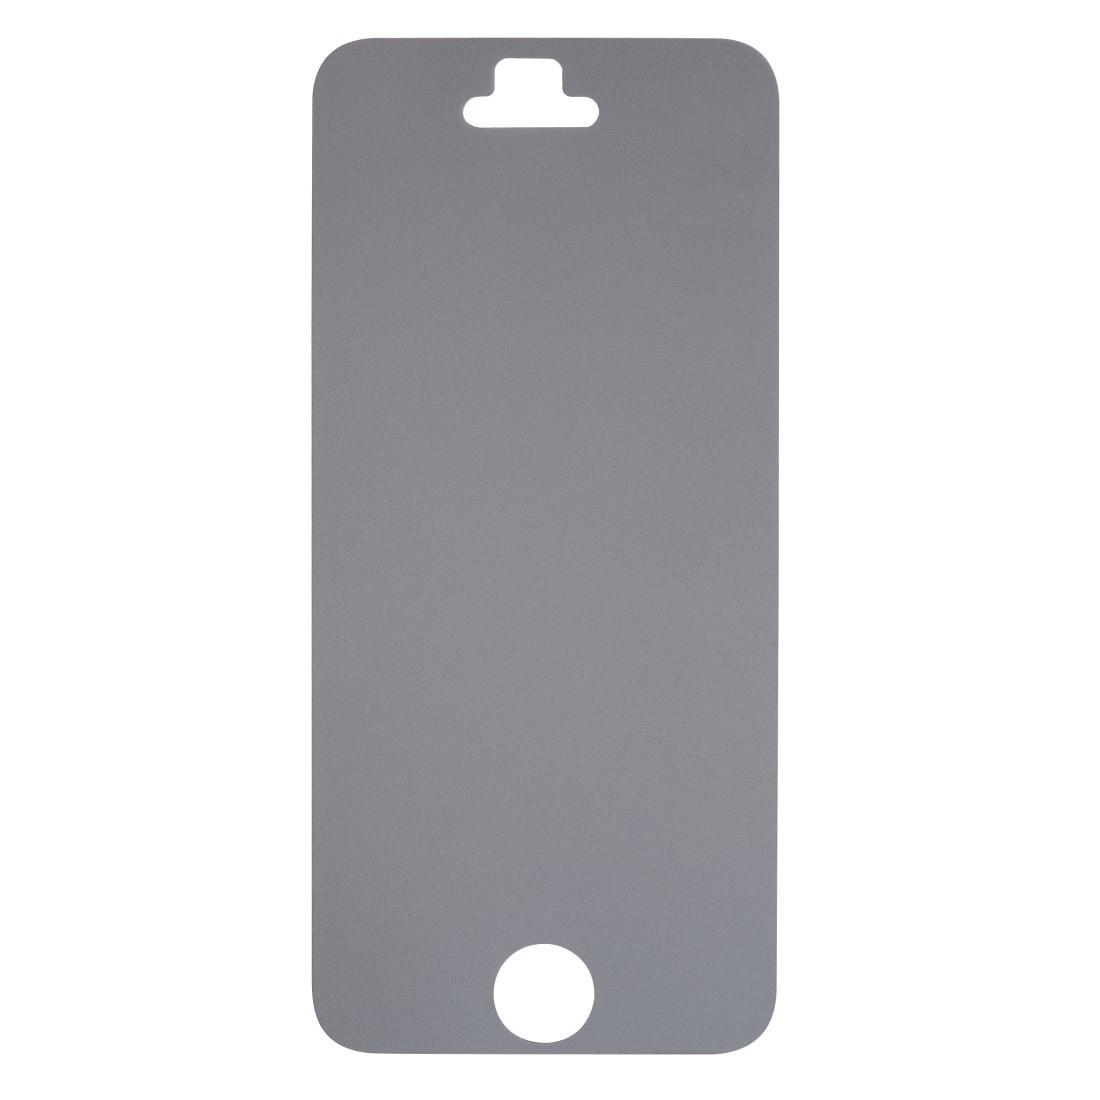 Протектор за екран HAMA Privacy 115063, Apple iPhone 5/5s